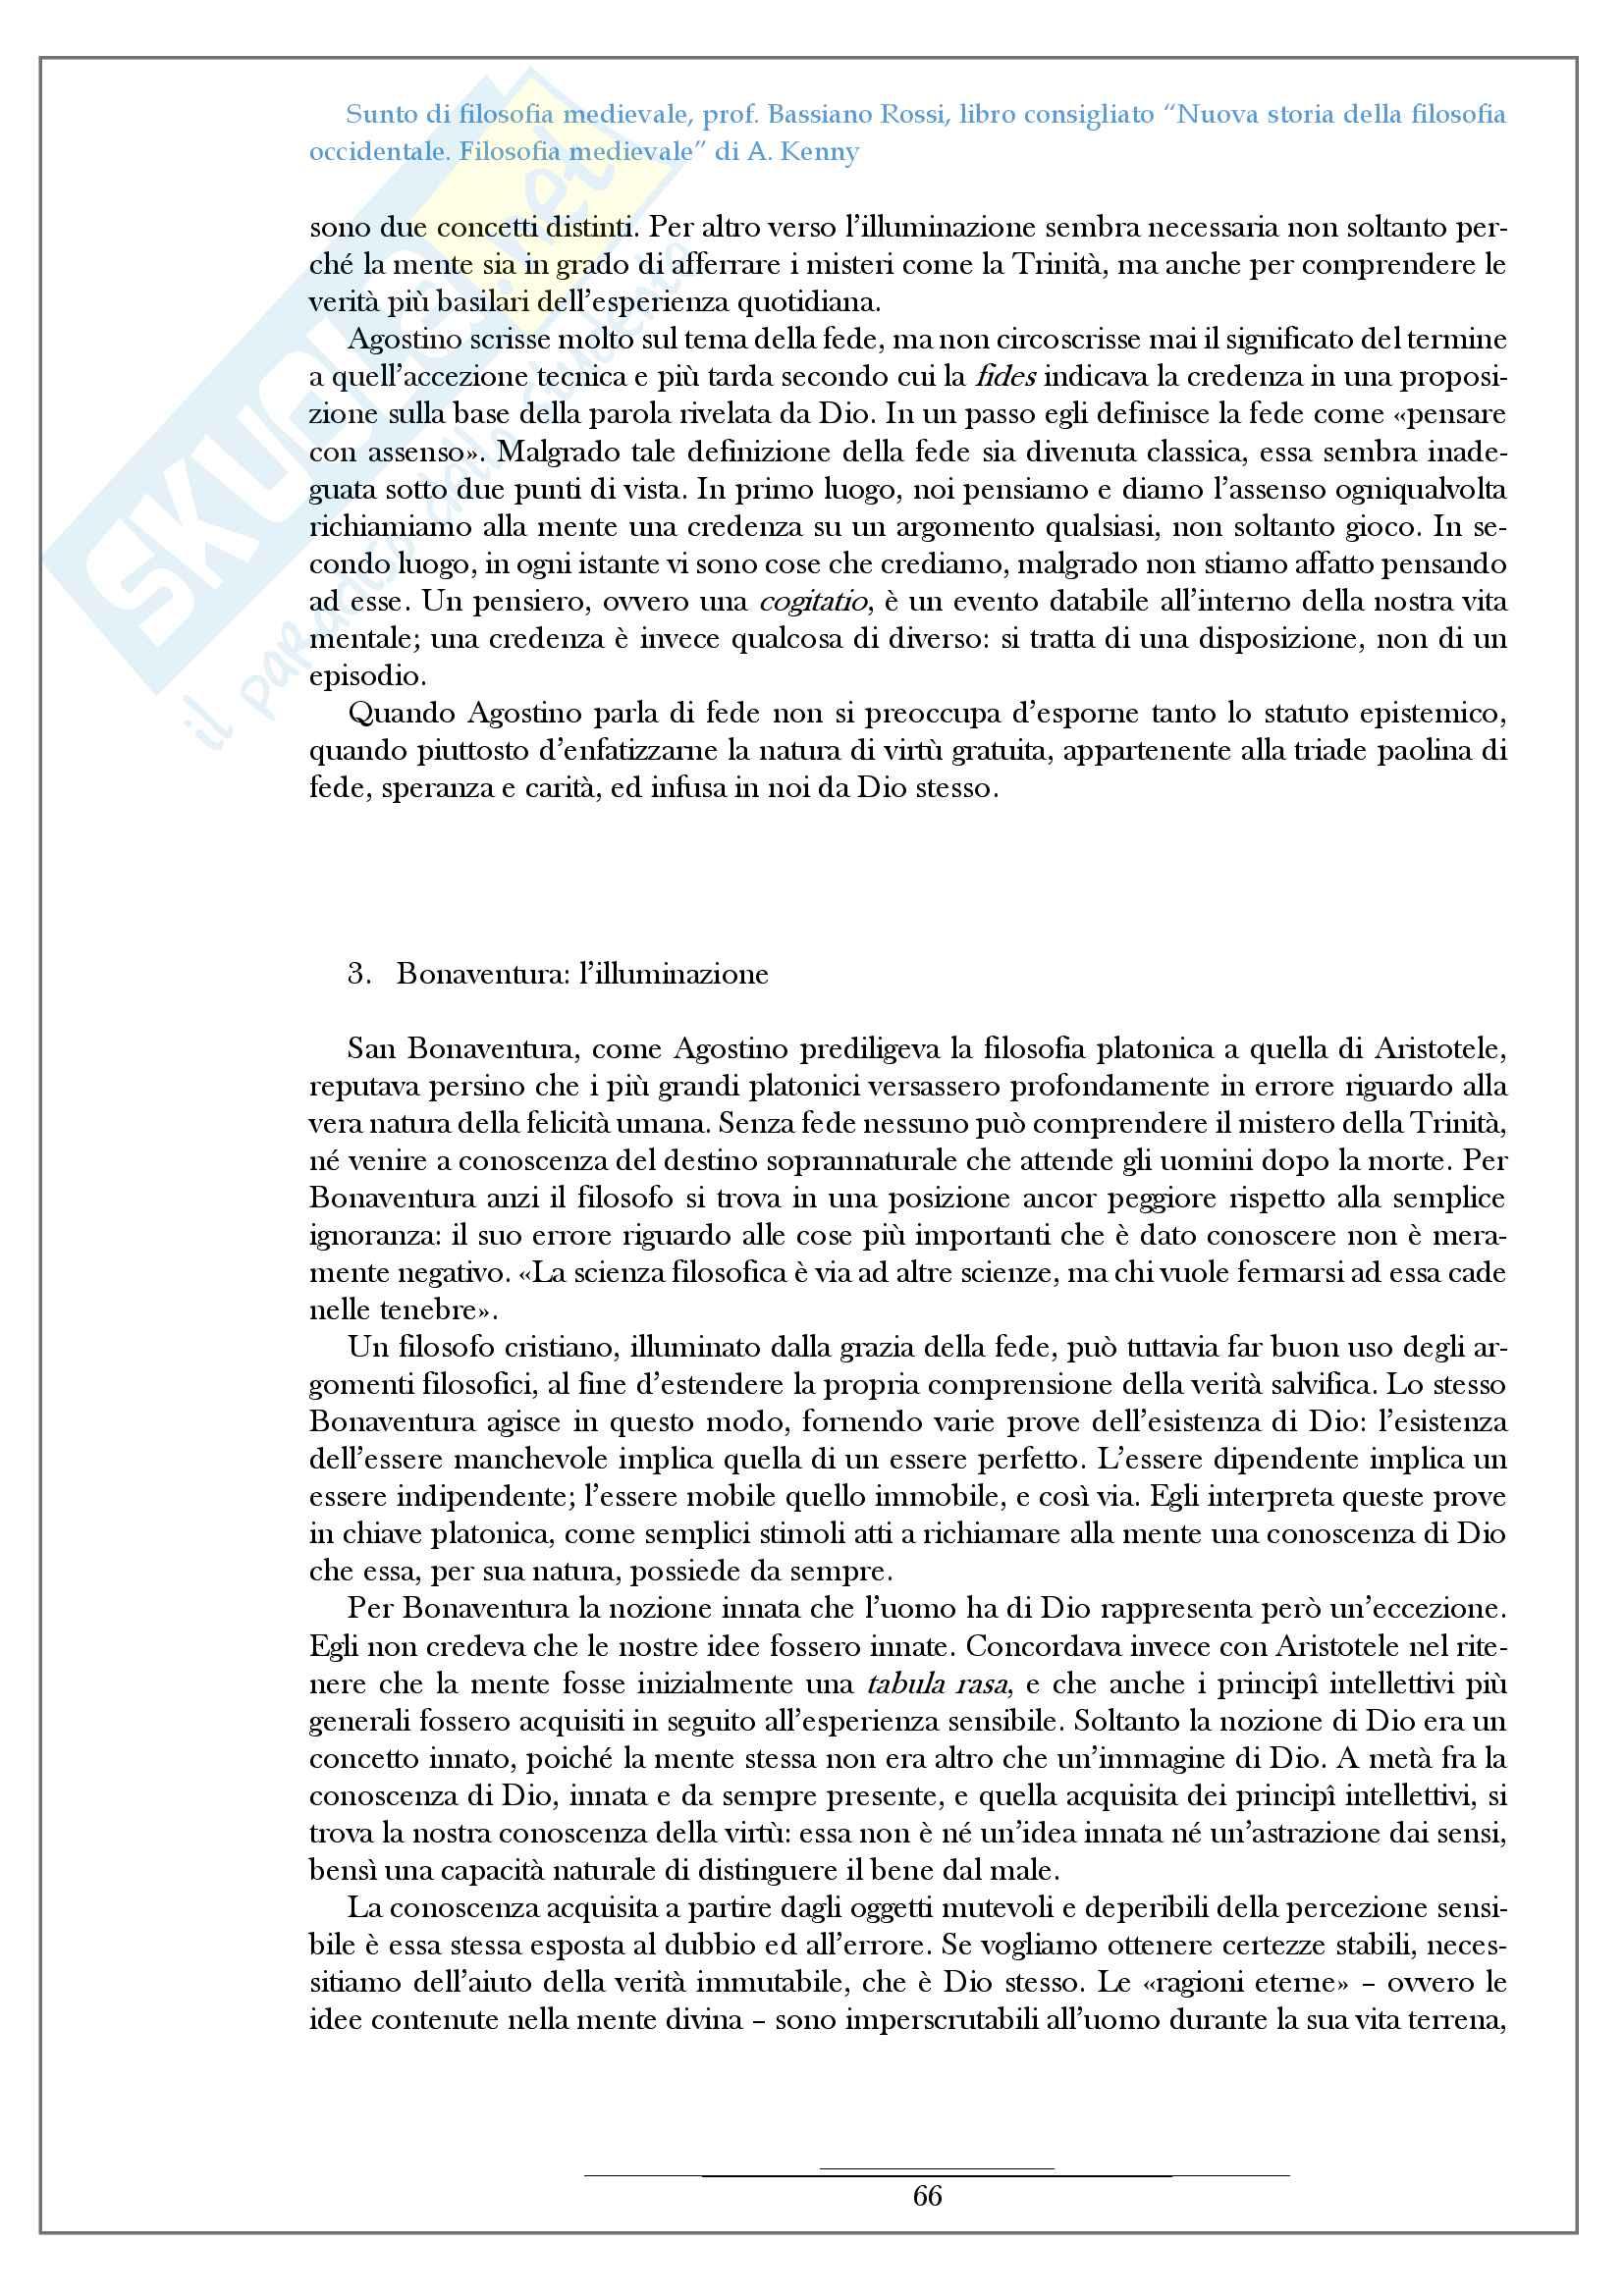 Riassunto esame filosofia medievale, prof Bassiano Rossi, libro consigliato Nuova storia della filosofia occidentale Filosofia medievale di A Kenny Pag. 66